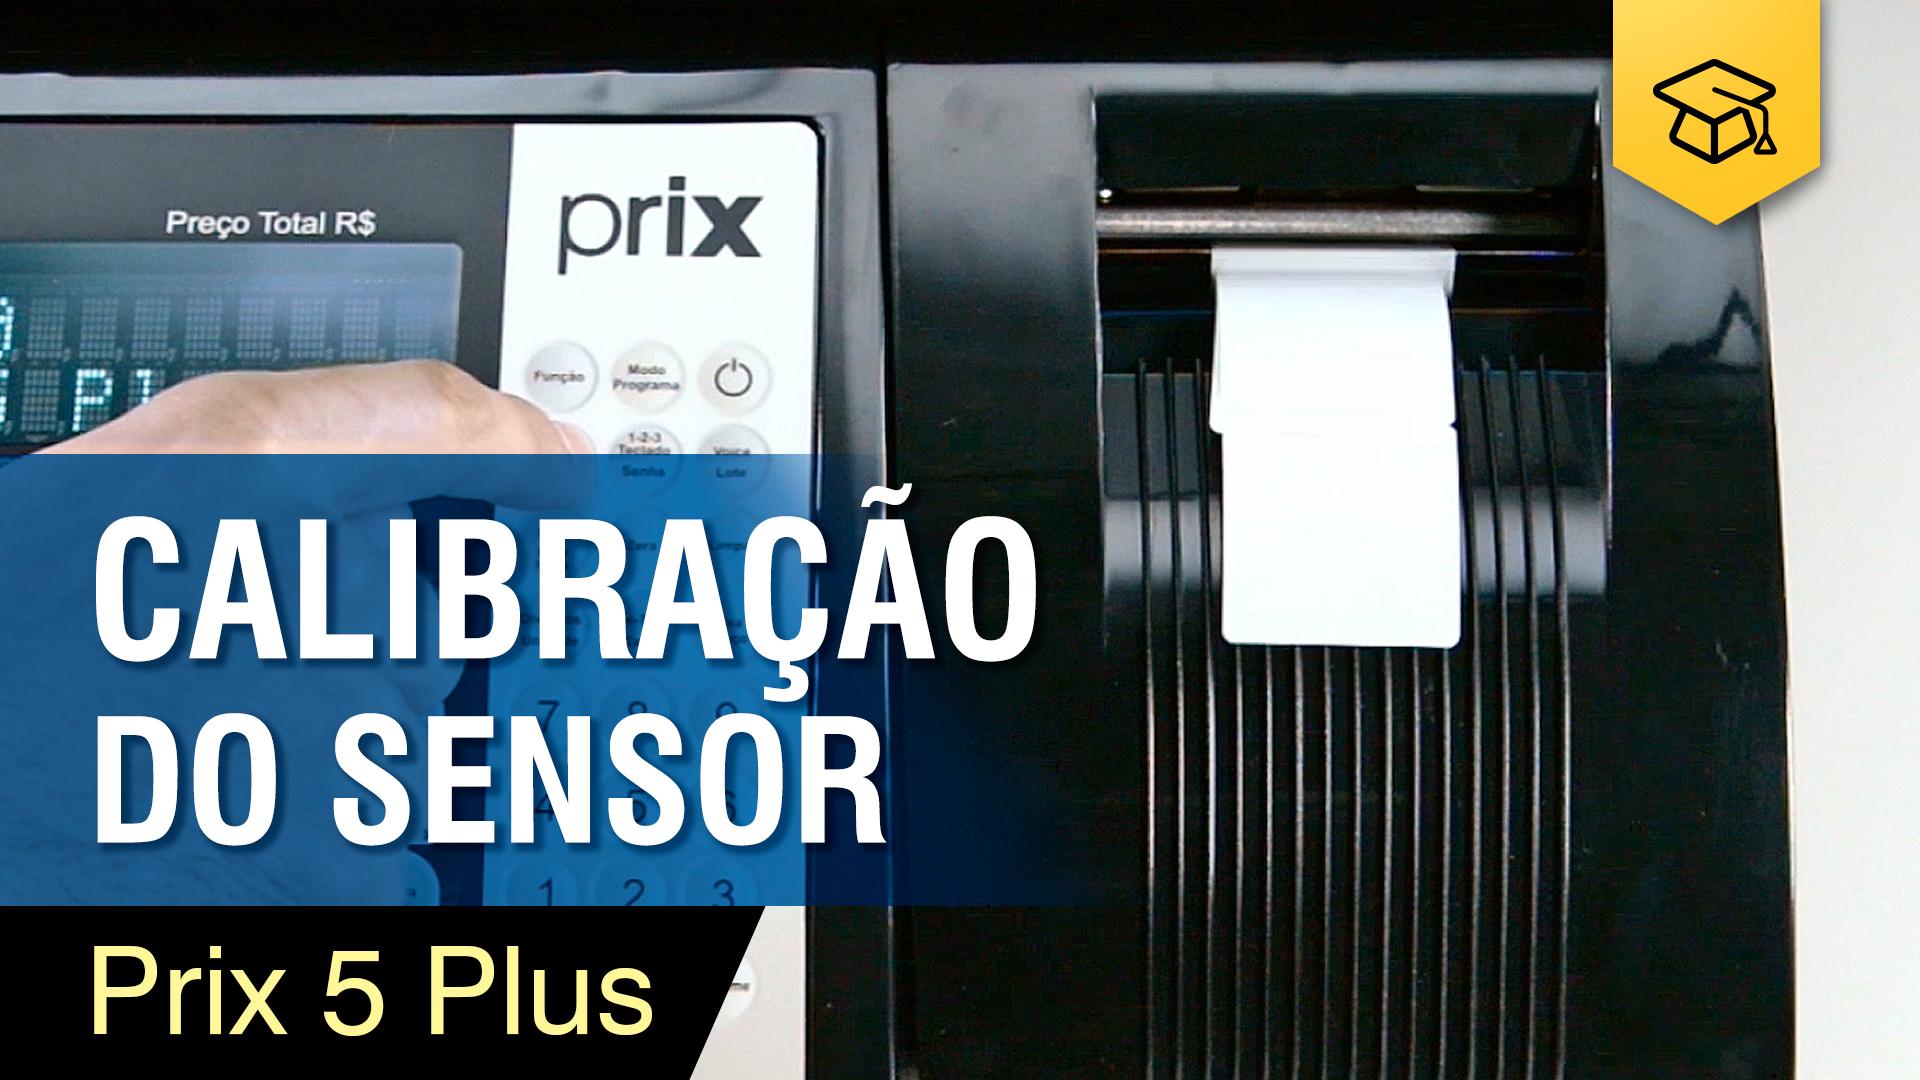 Prix 5 Plus - Calibração de Sensor